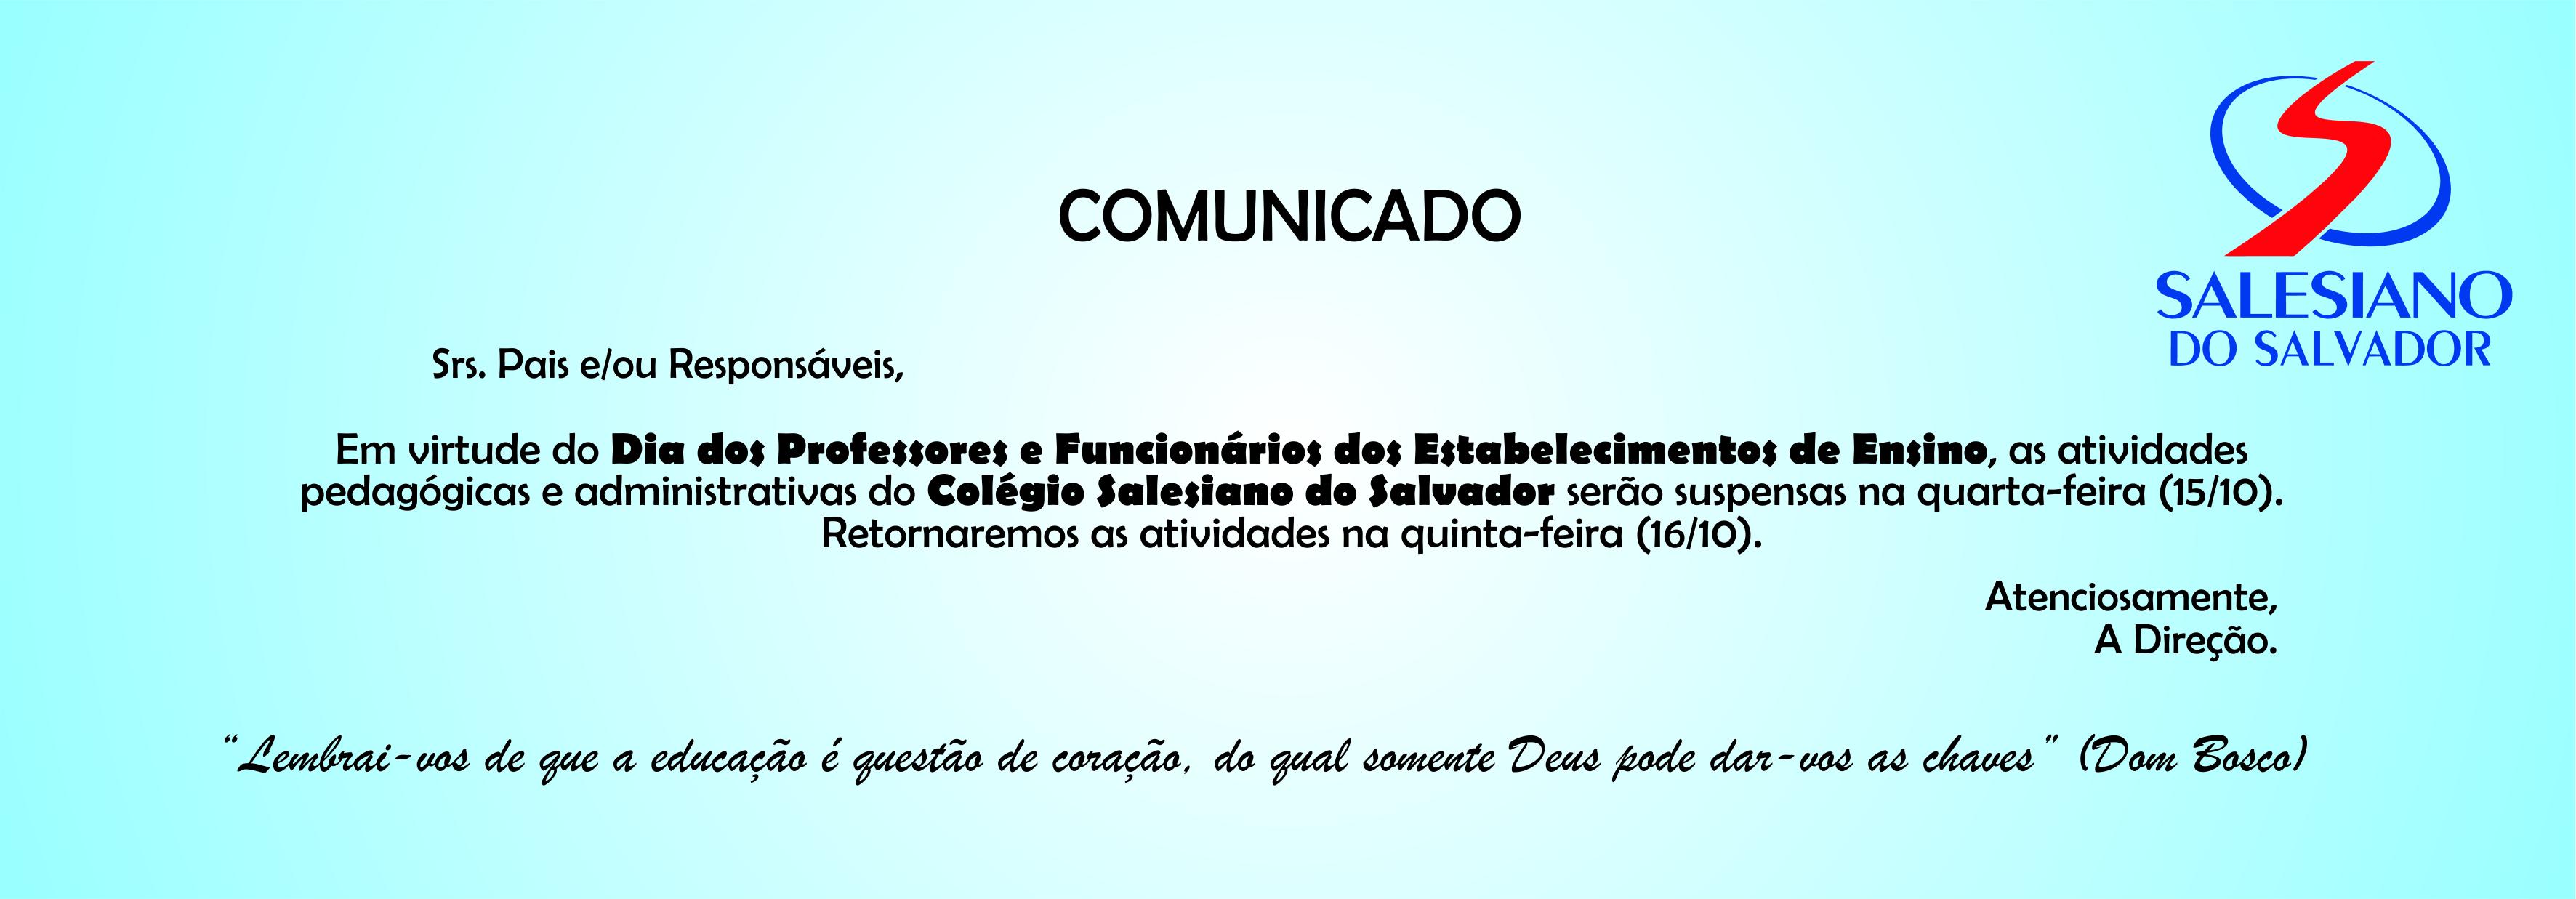 Comunicado_dia_dos_professores